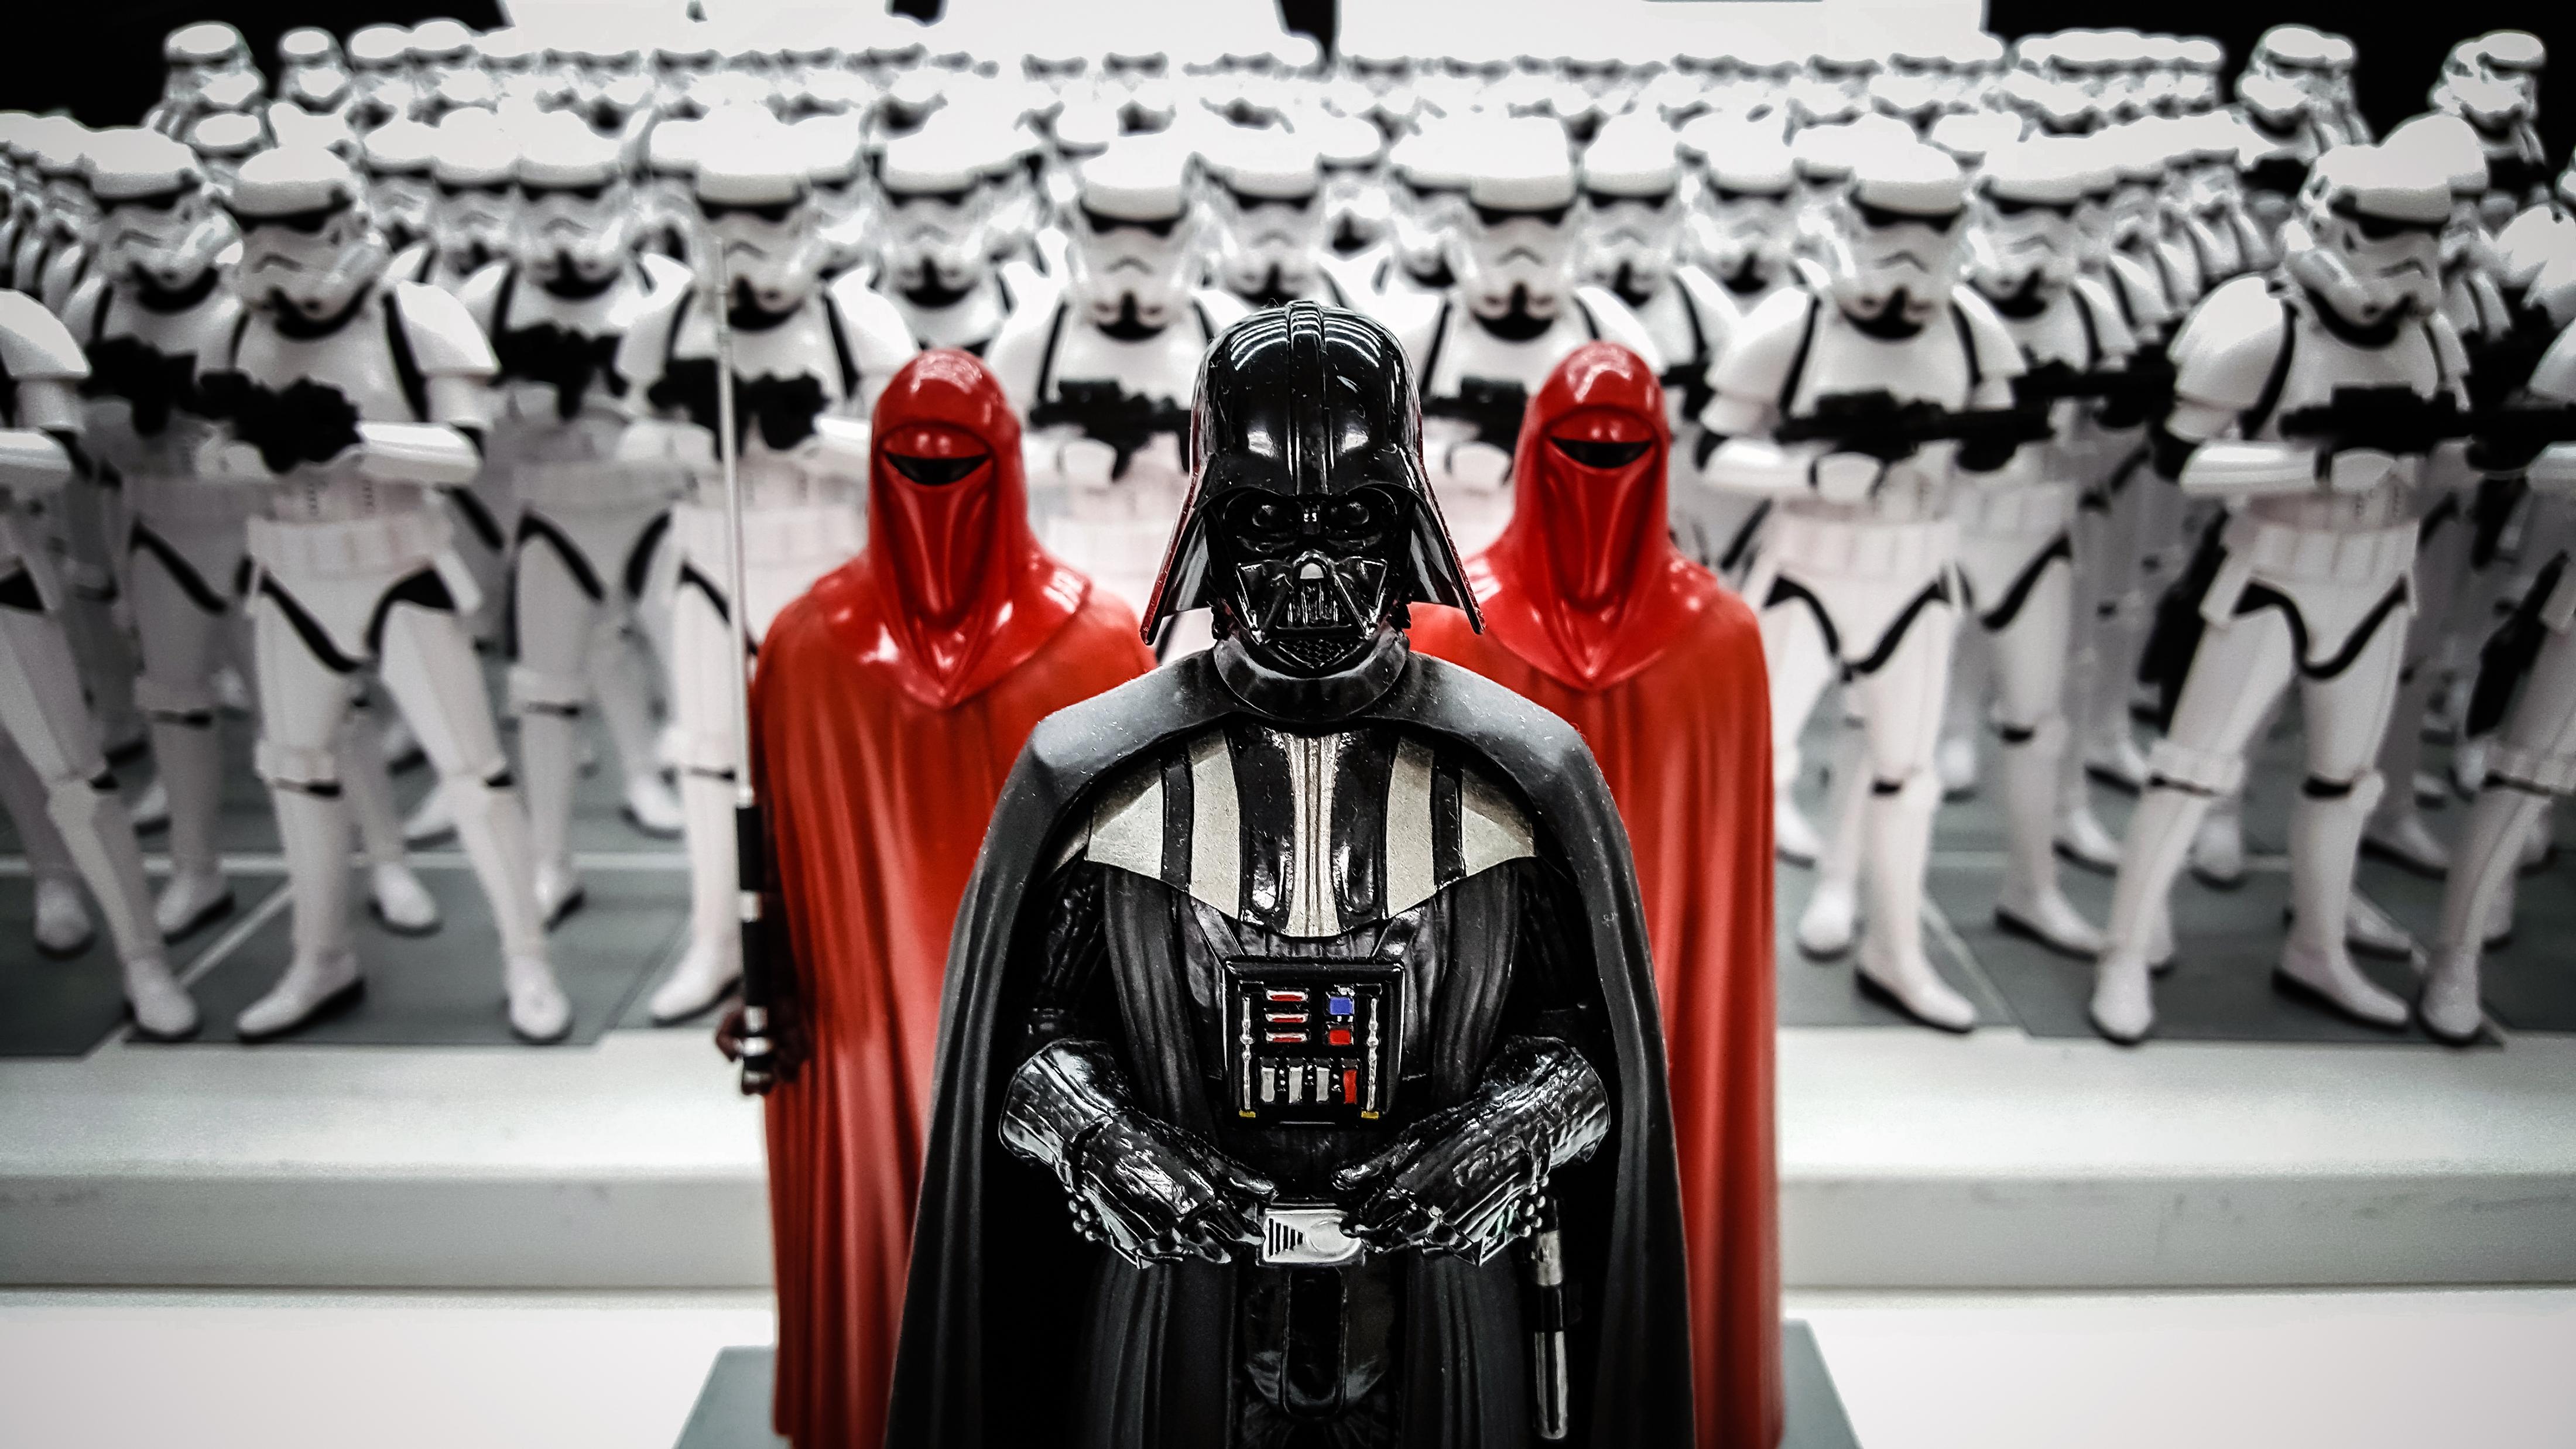 Star Wars Darth Vader Empire